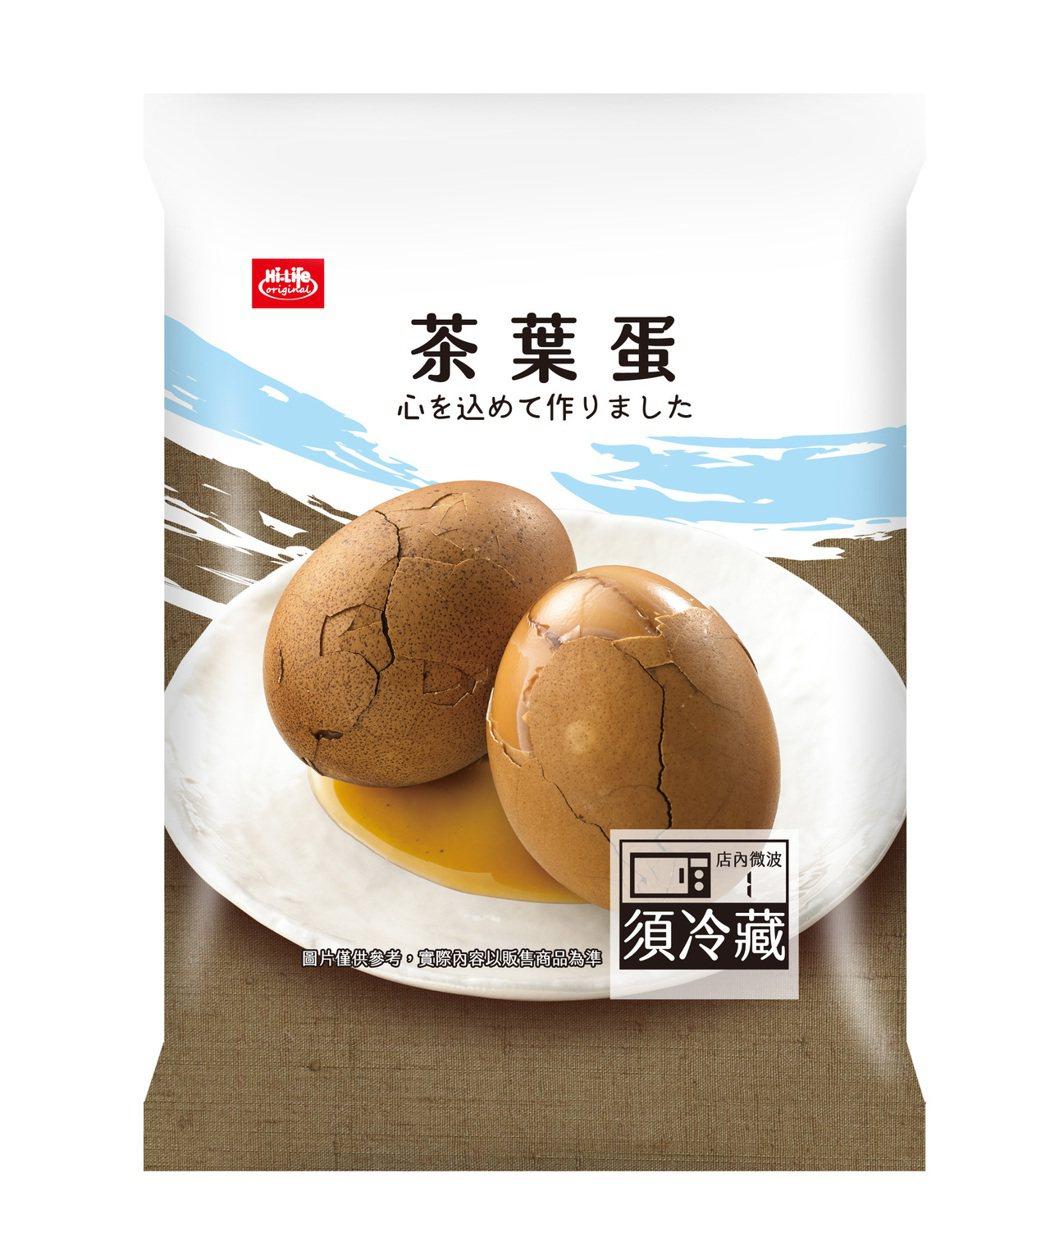 萊爾富推出冷藏包裝新品Hi-Life Original茶葉蛋2入(售價29元)。...